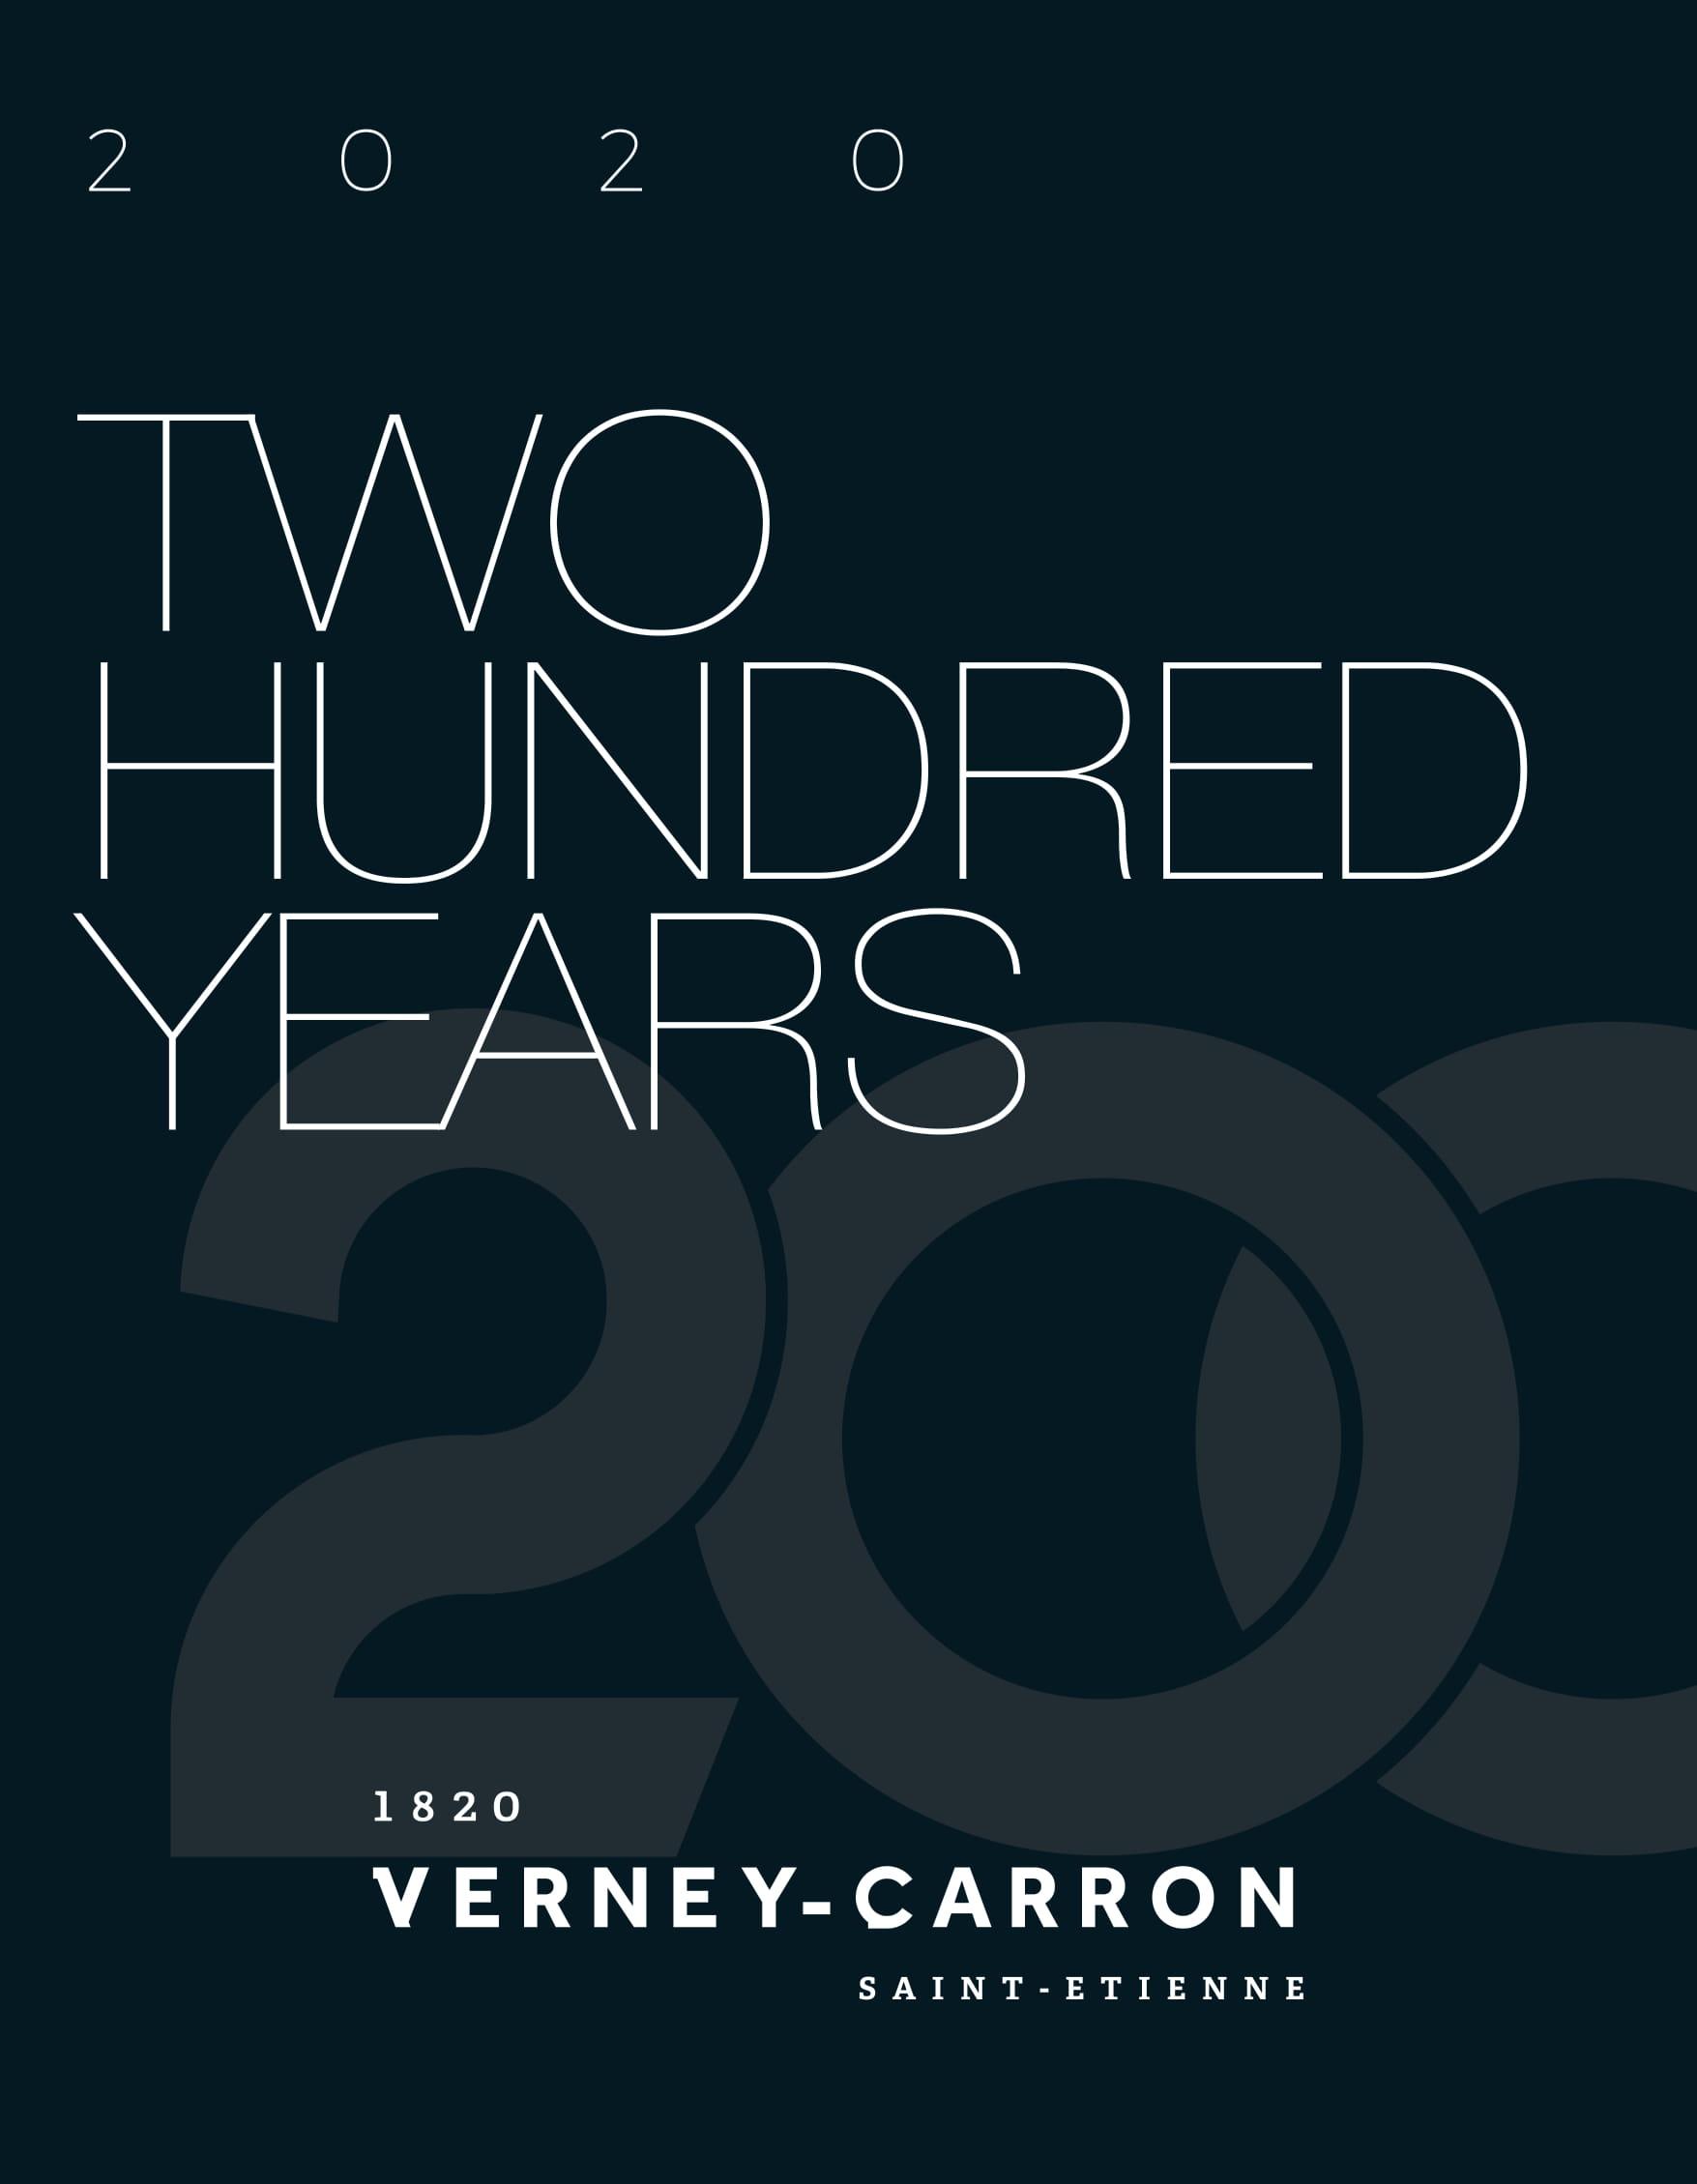 catalogue-2020-verney-carron-01.jpg